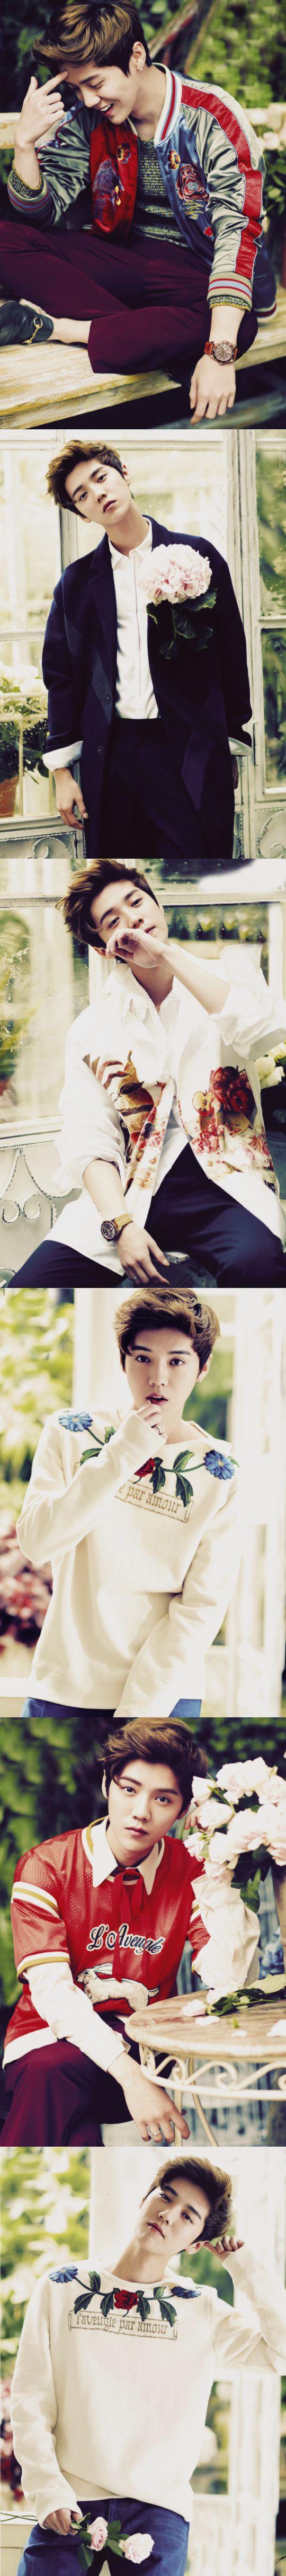 Luhan for Harper's Bazaar Men July '16 Cover